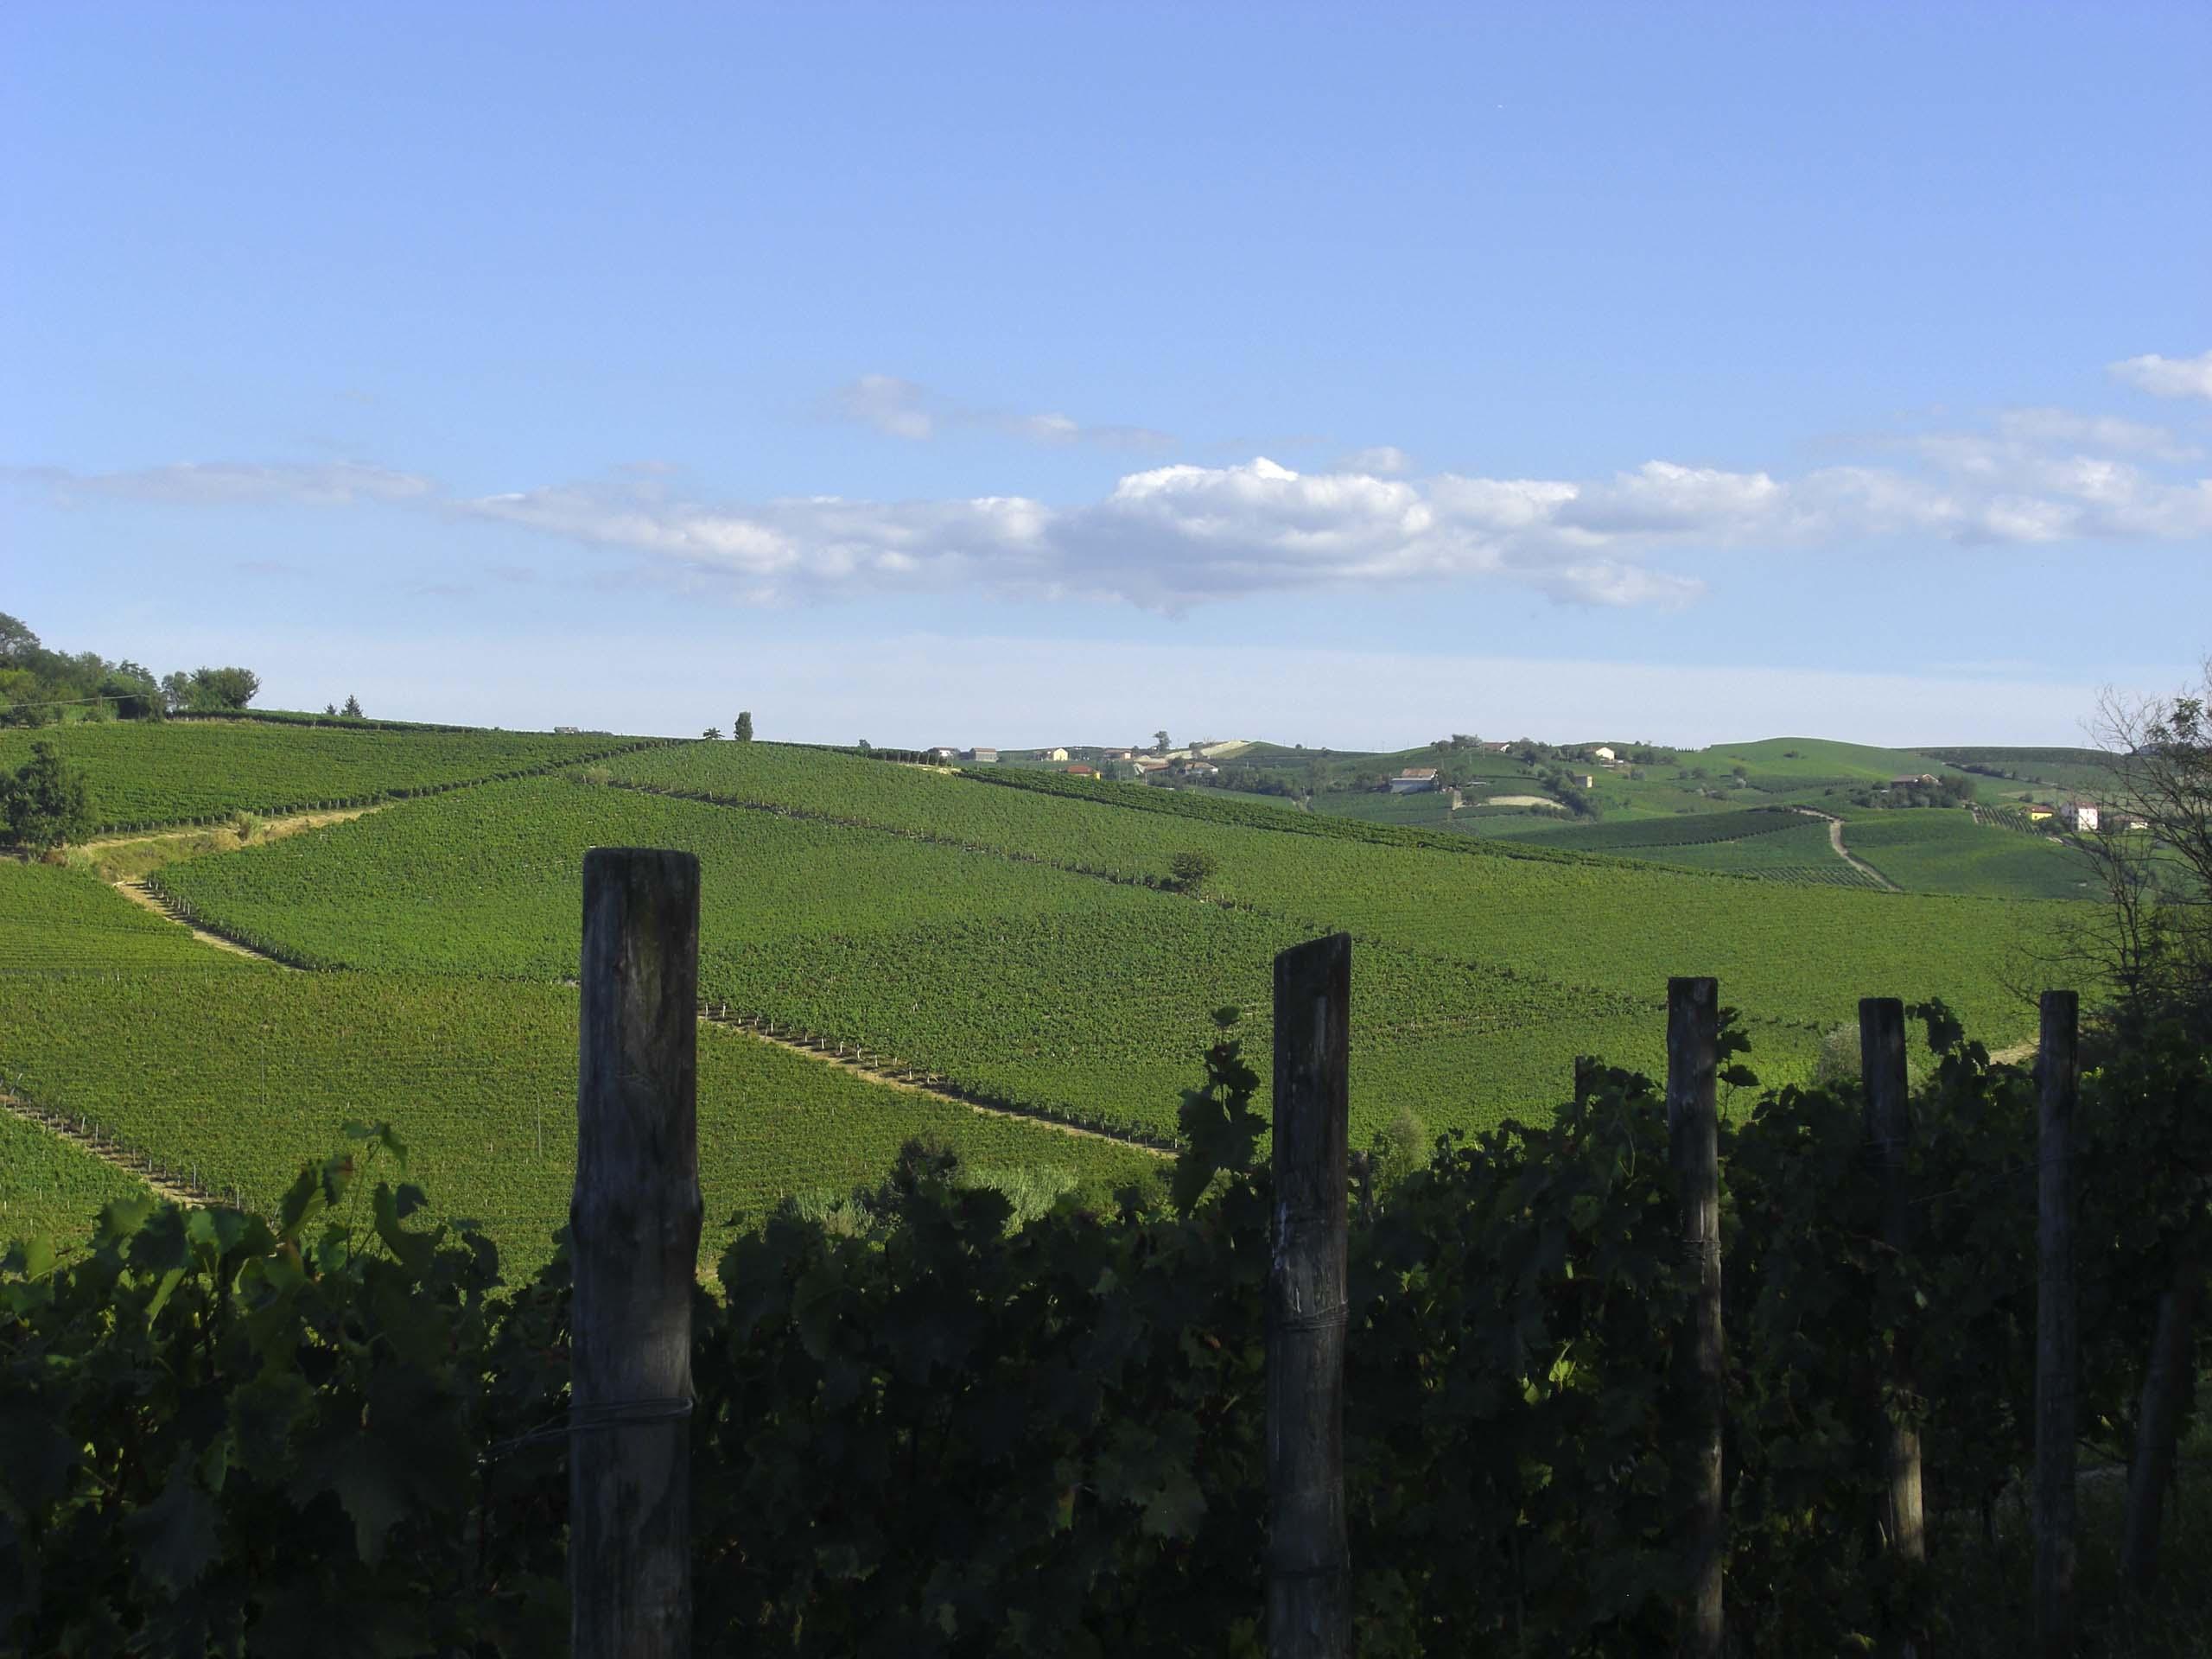 vigne-del-nizza